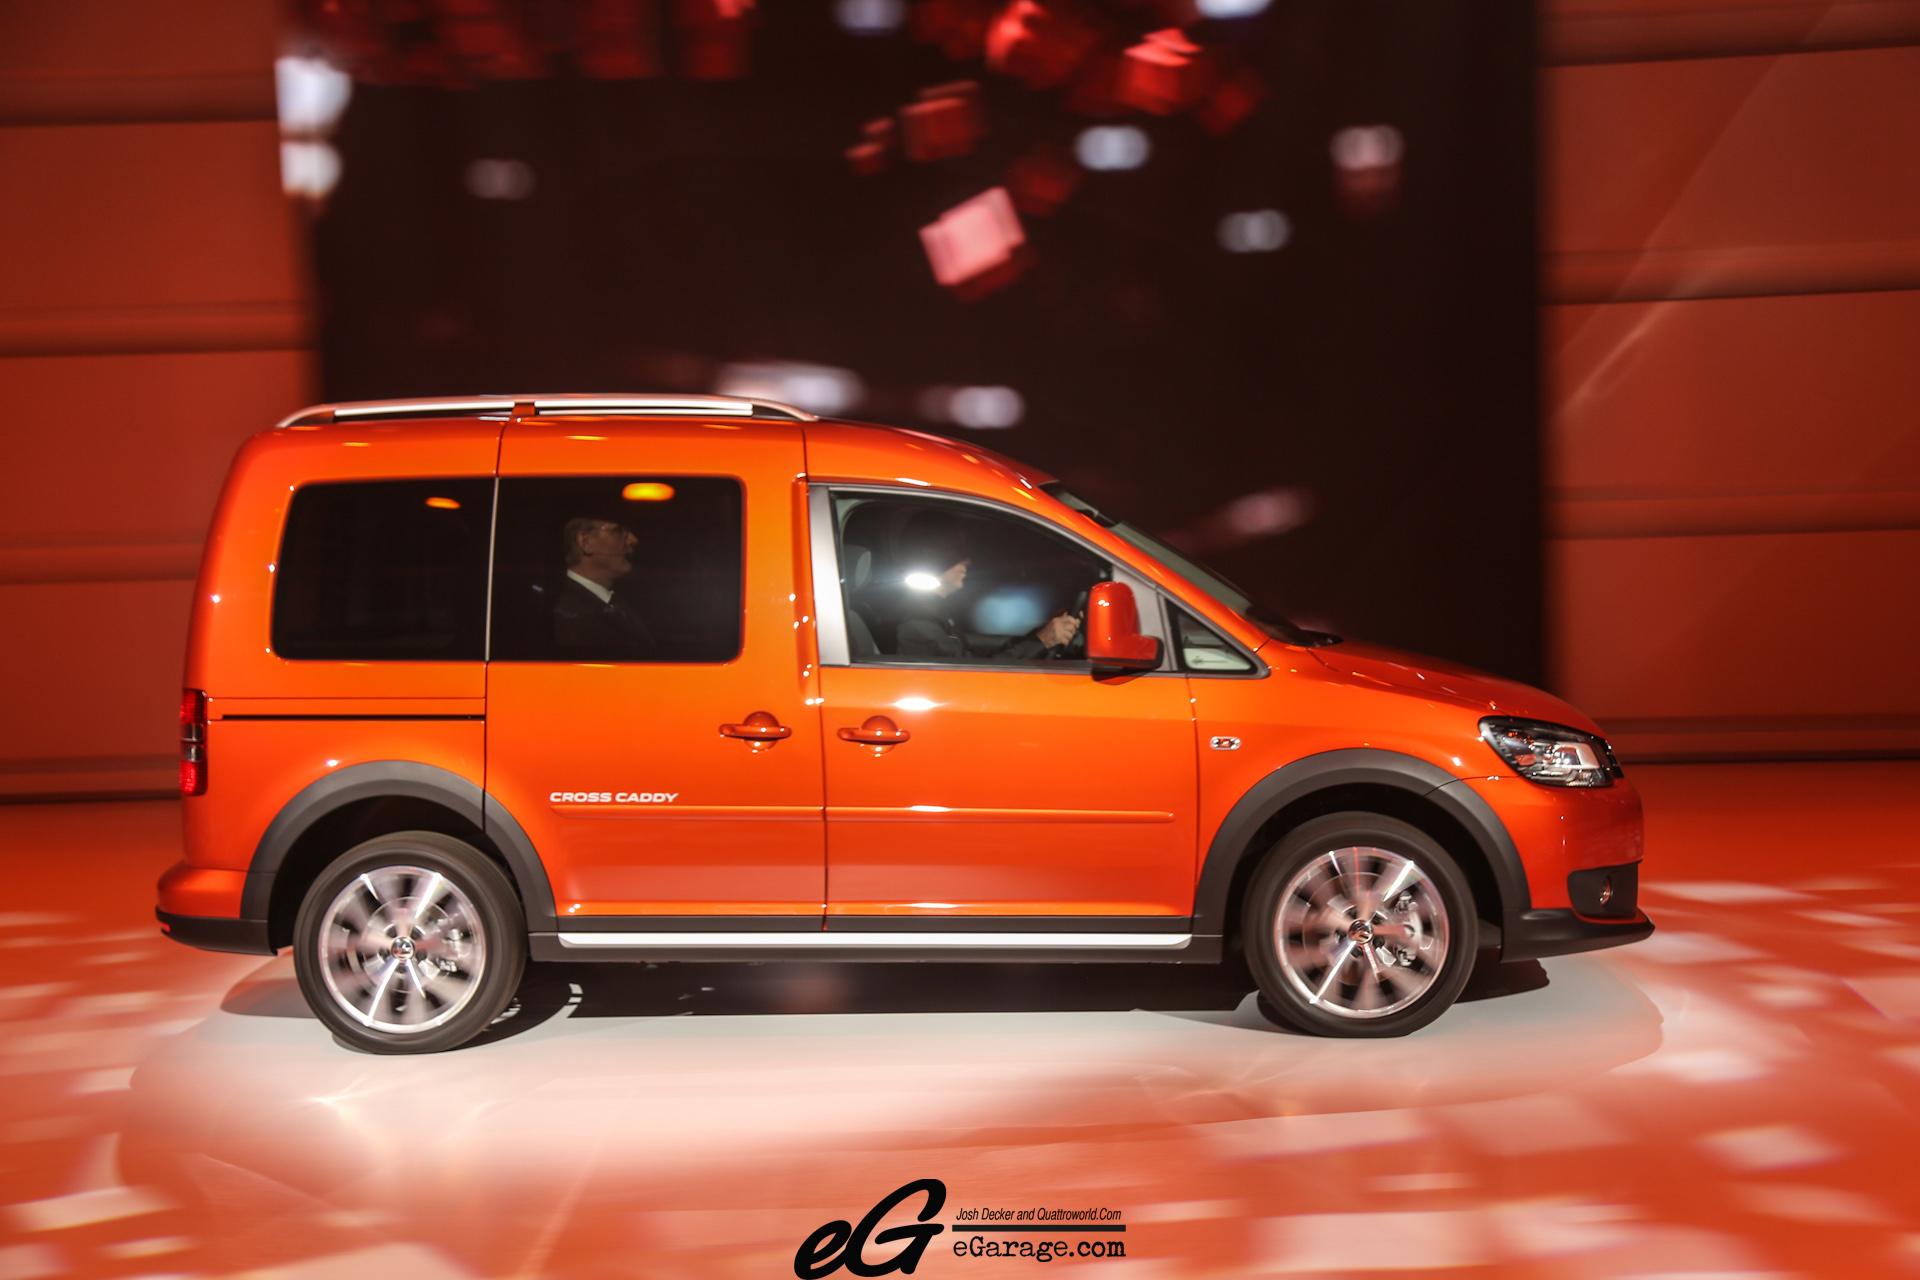 8030385196 5dfb23d40b o 2012 Paris Motor Show